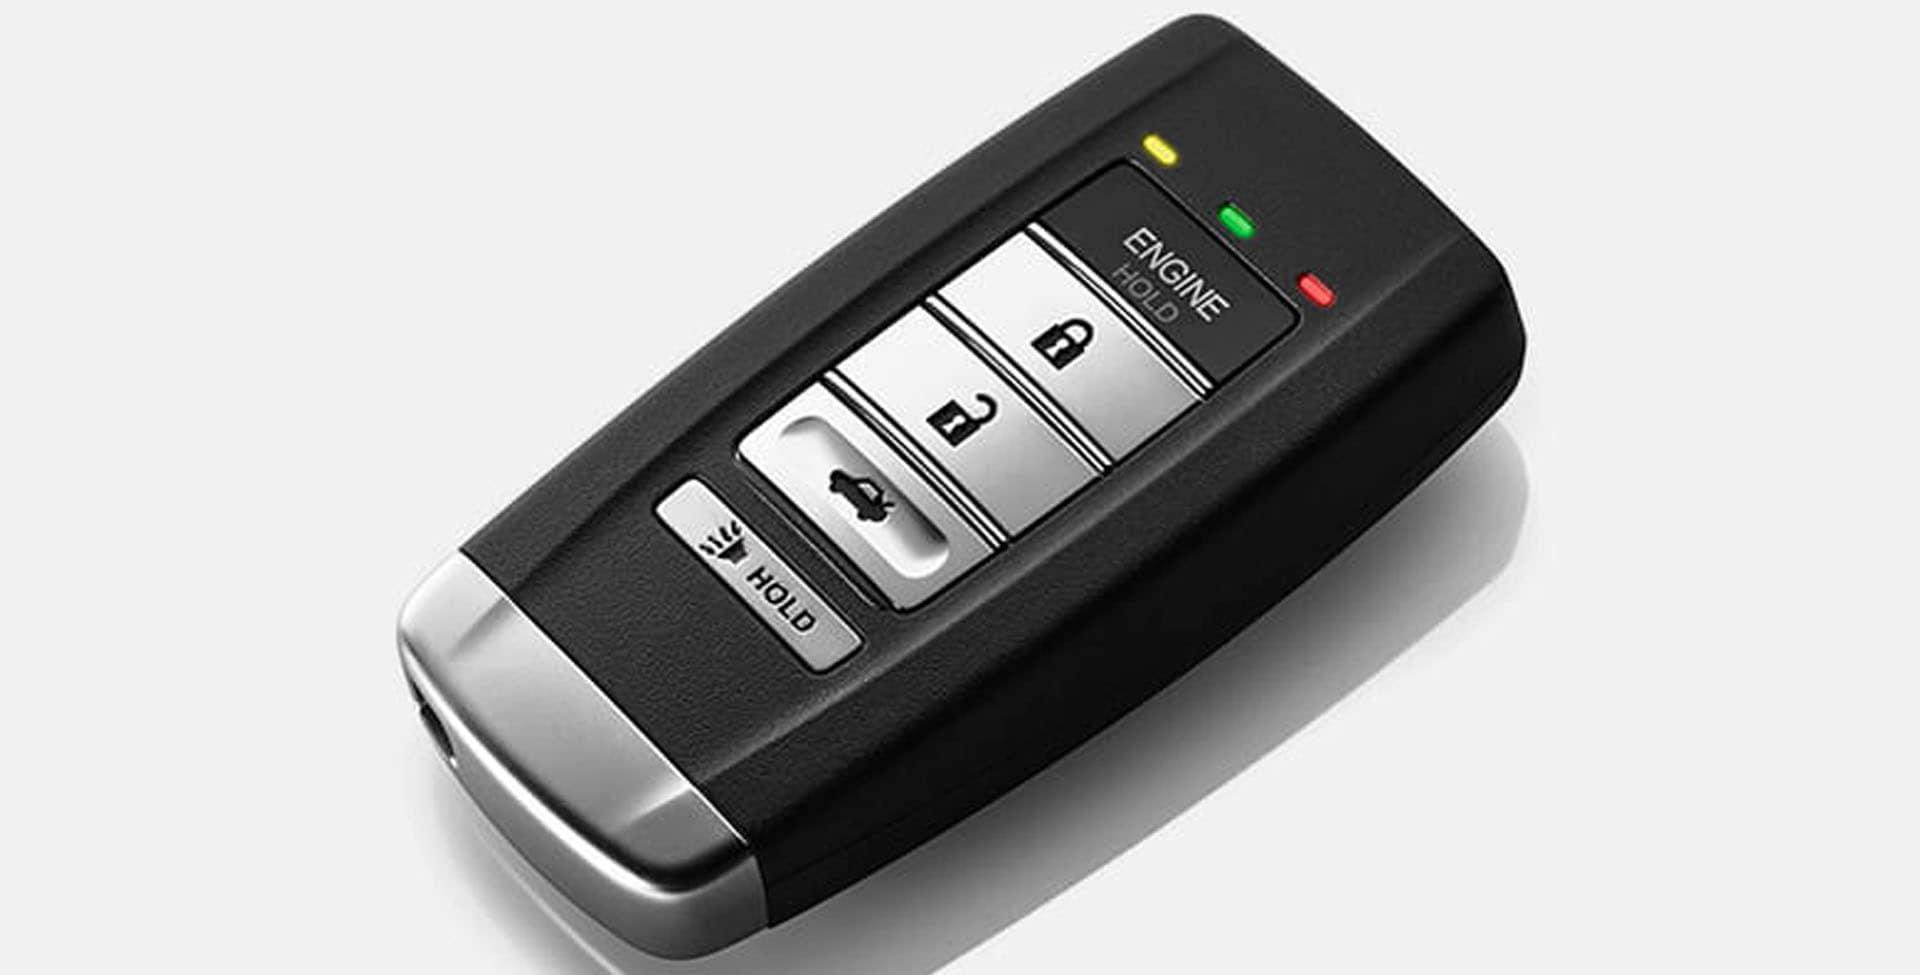 Acura TLX remote starter